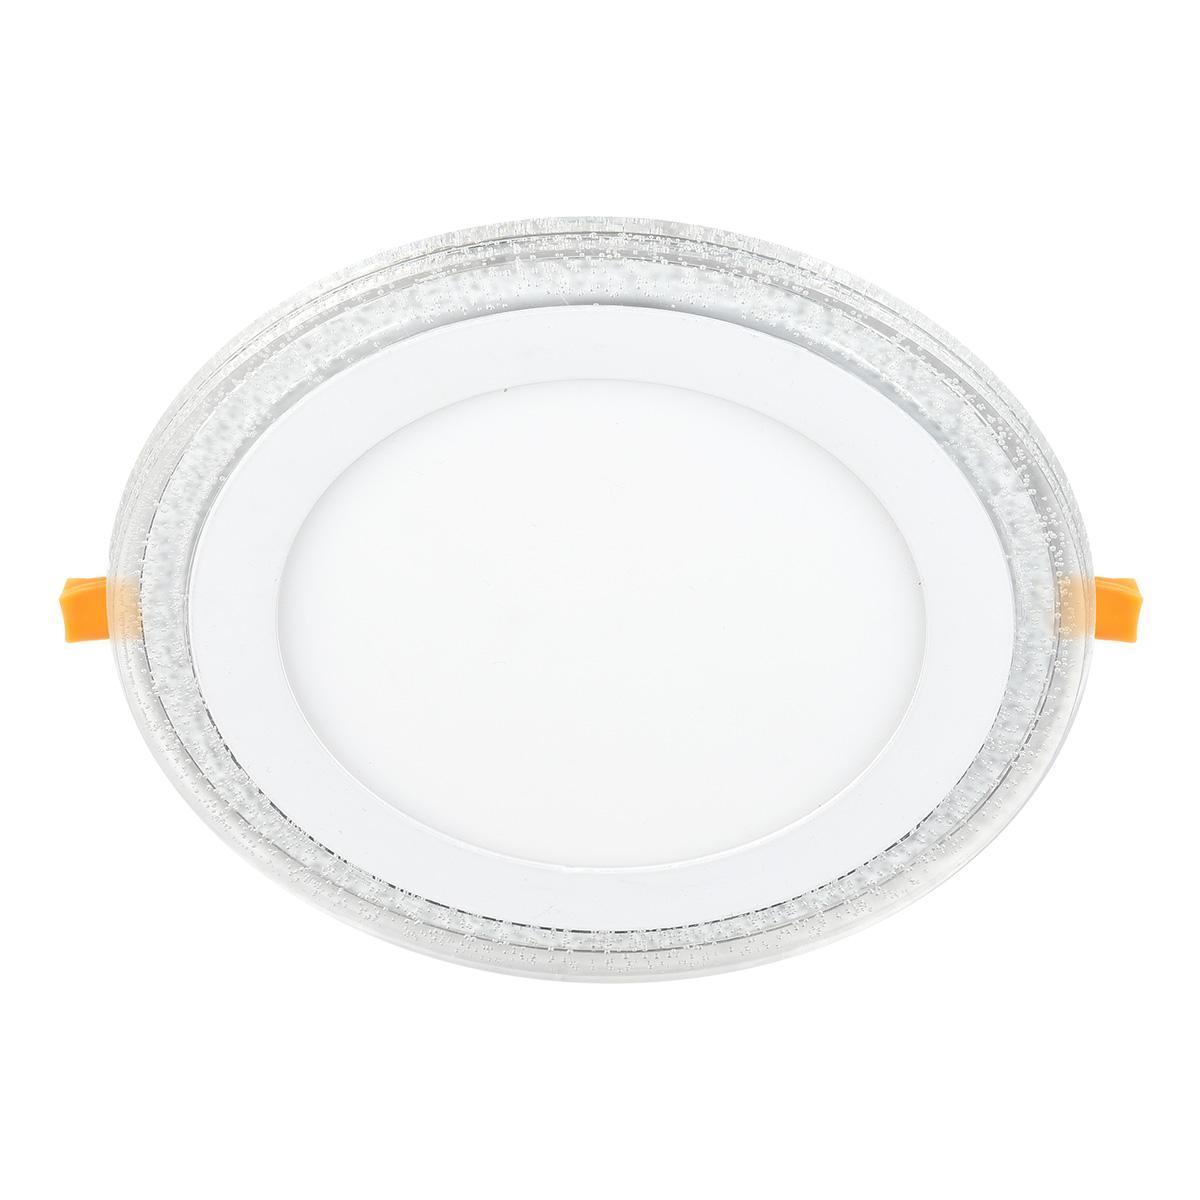 Встраиваемый светодиодный светильник Elektrostandard DLR024 12+6W 4200K Blue 4690389107115 цена